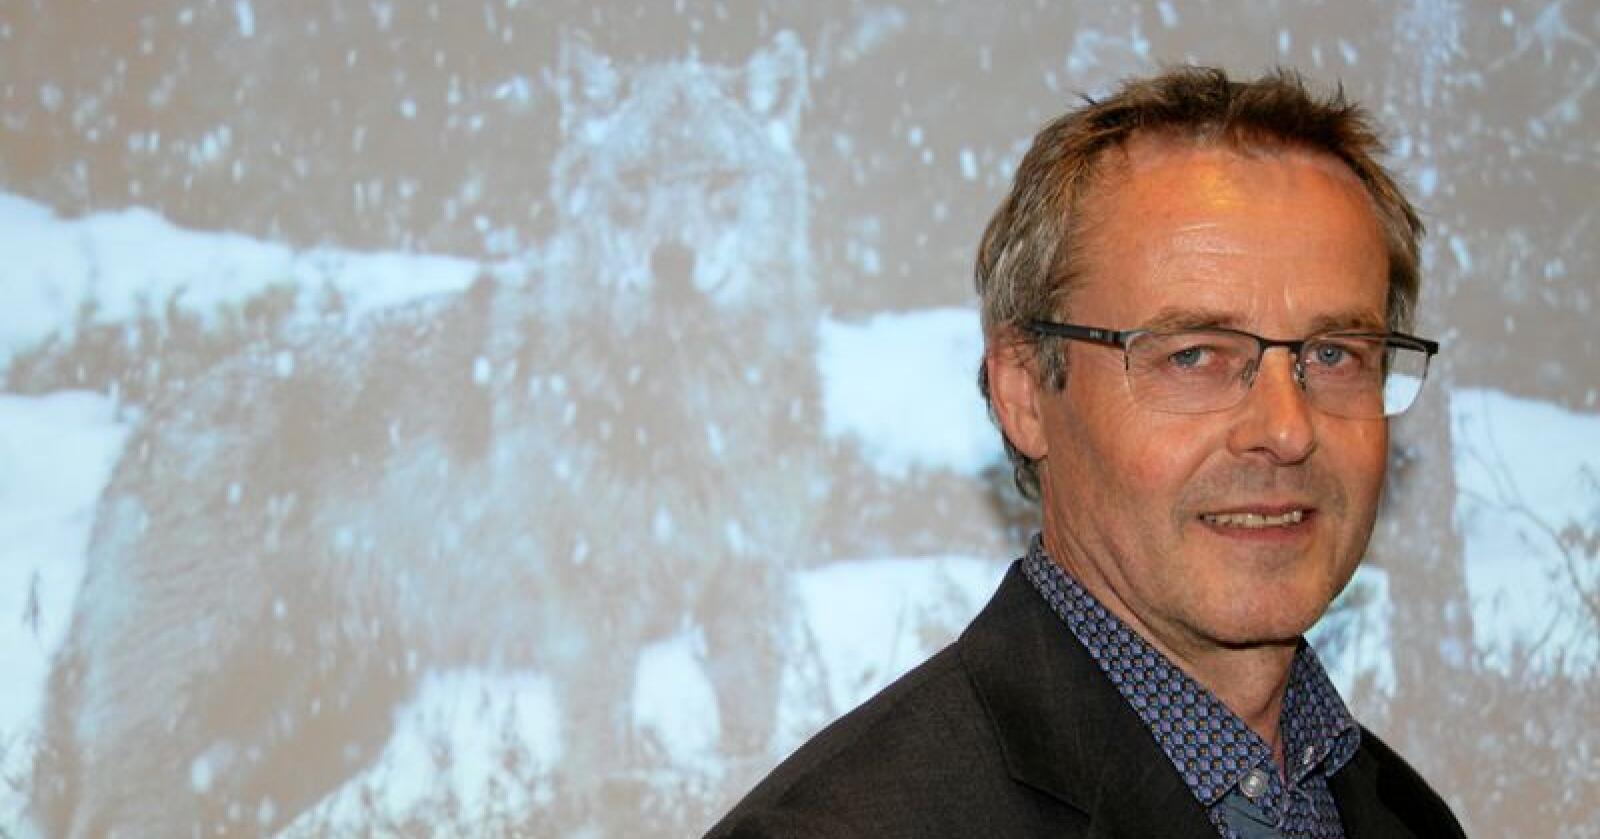 Arnodd Håpnes raser mot at det er iverksatt jervejakt innenfor ulvesonen. Foto: Svein Egil Hatlevik